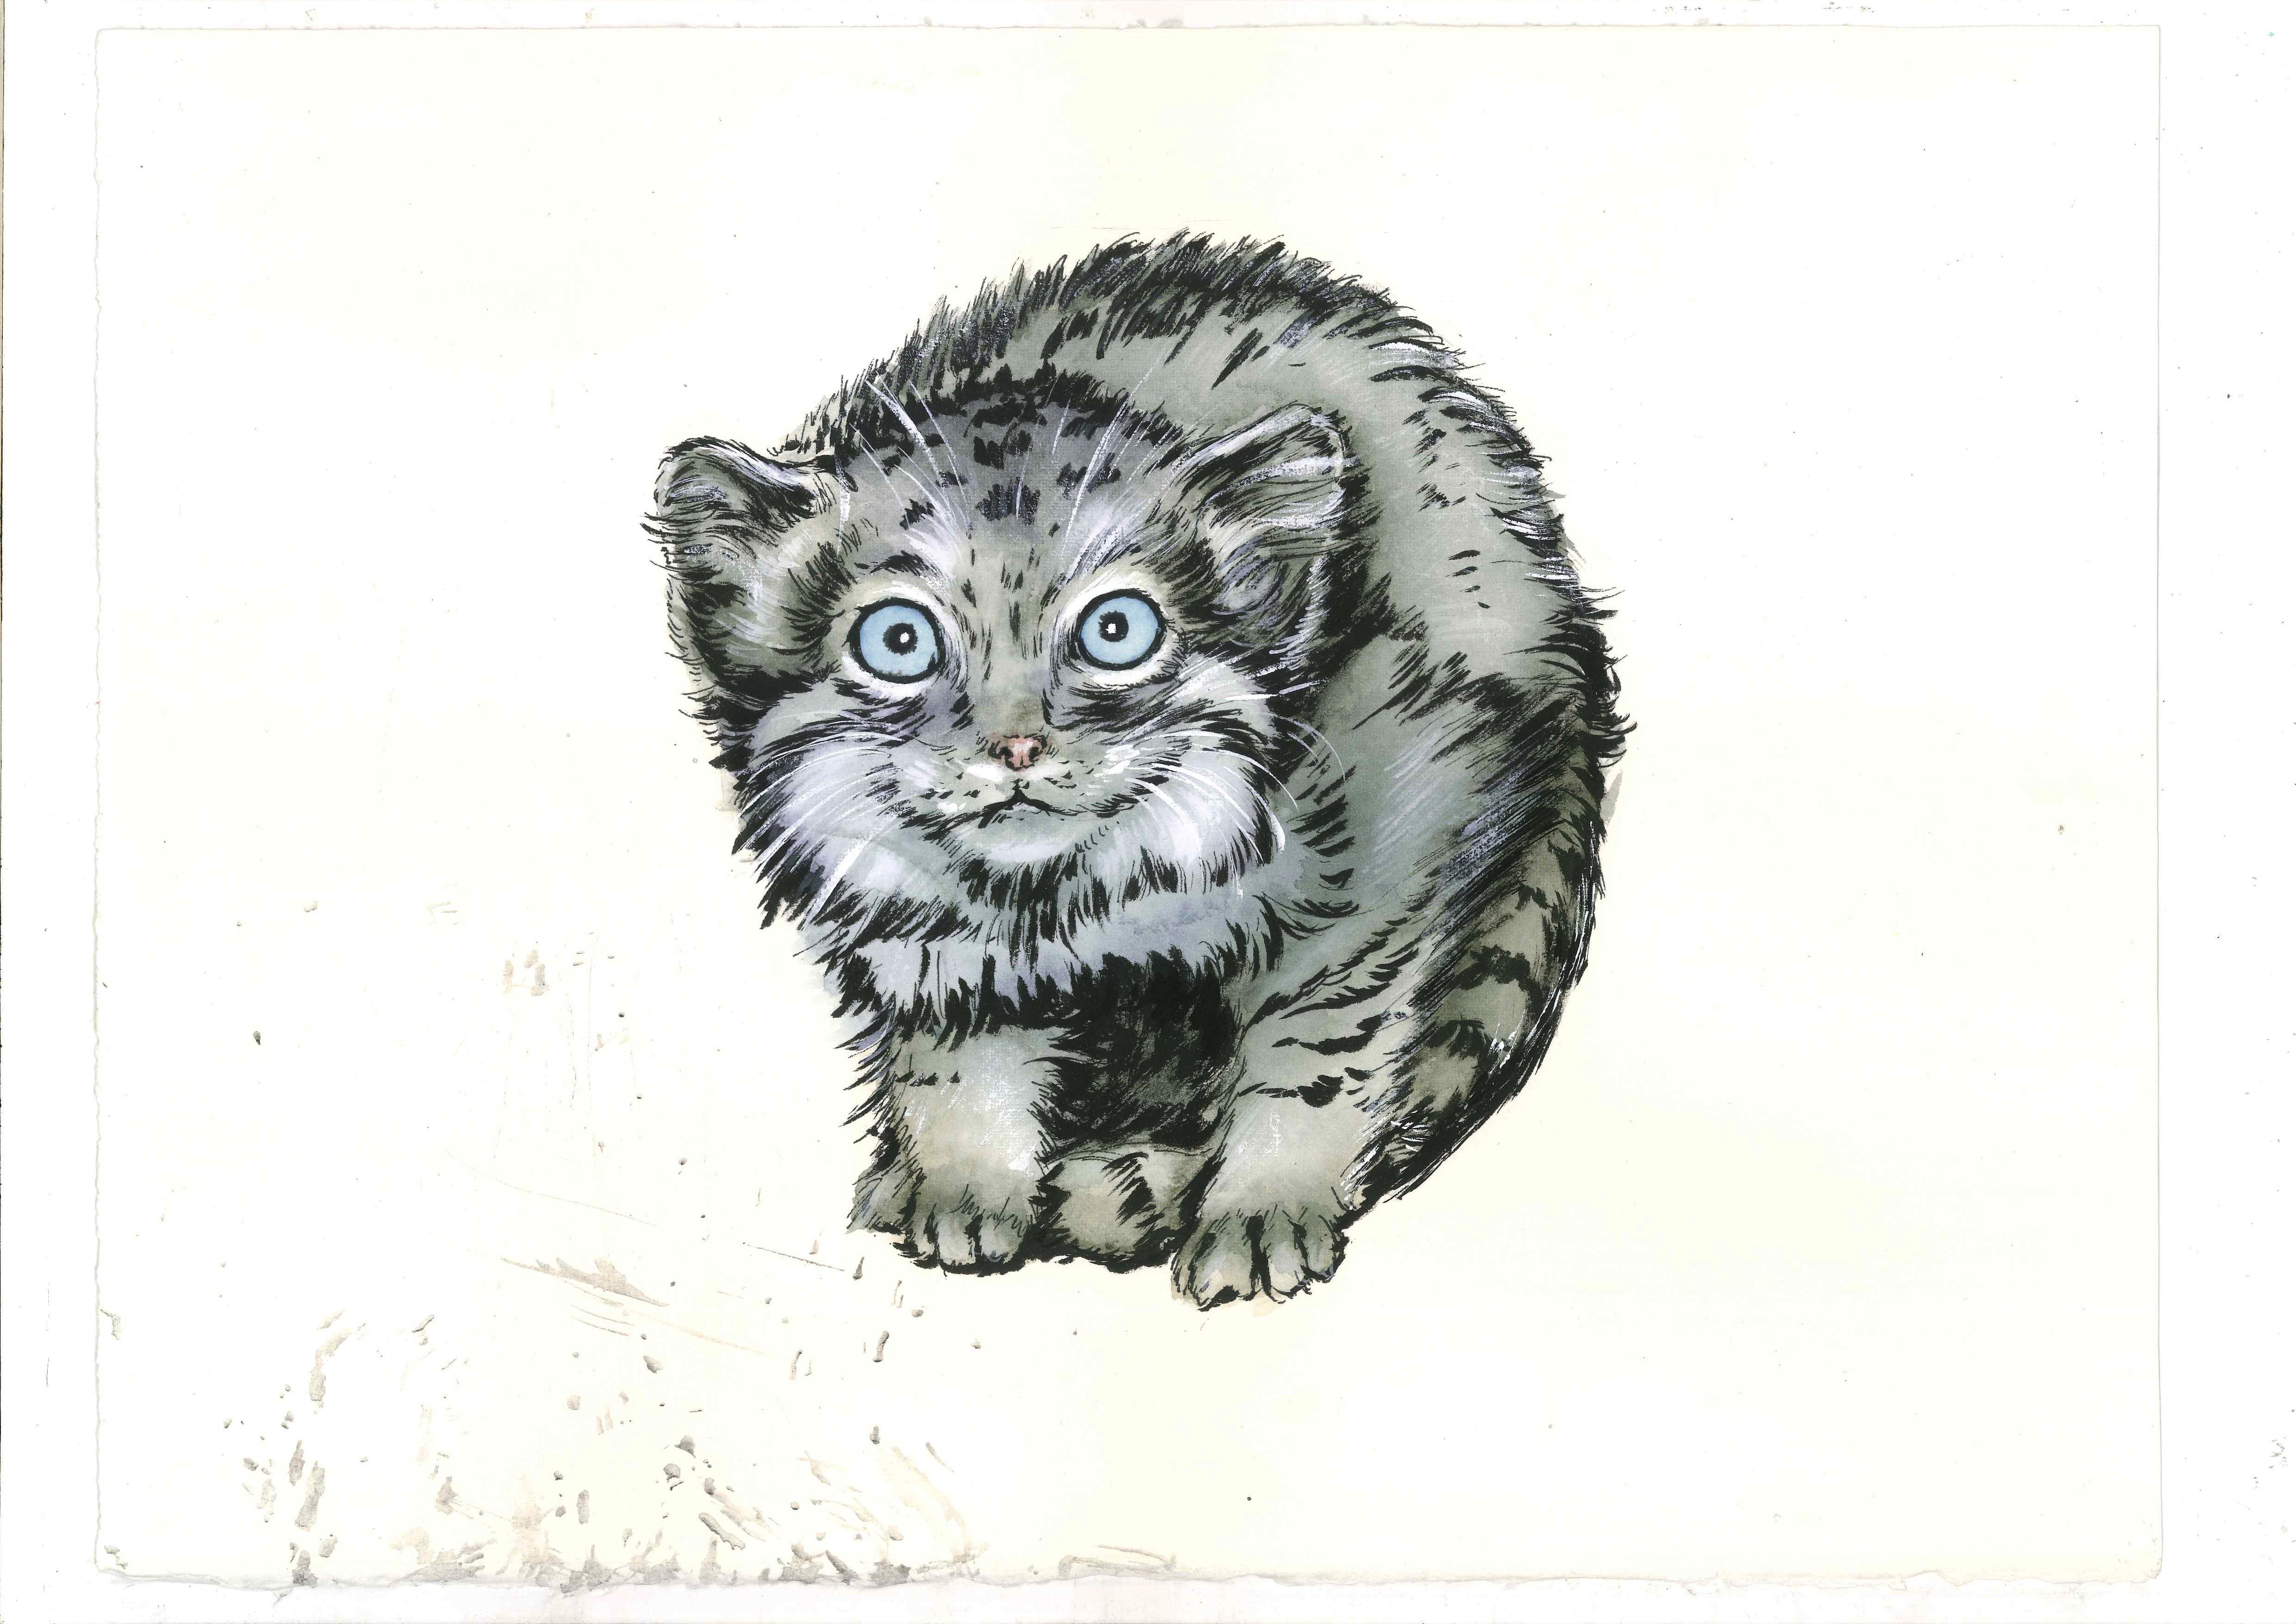 水彩动物和佛|插画|商业插画|视觉总参labv - 原创